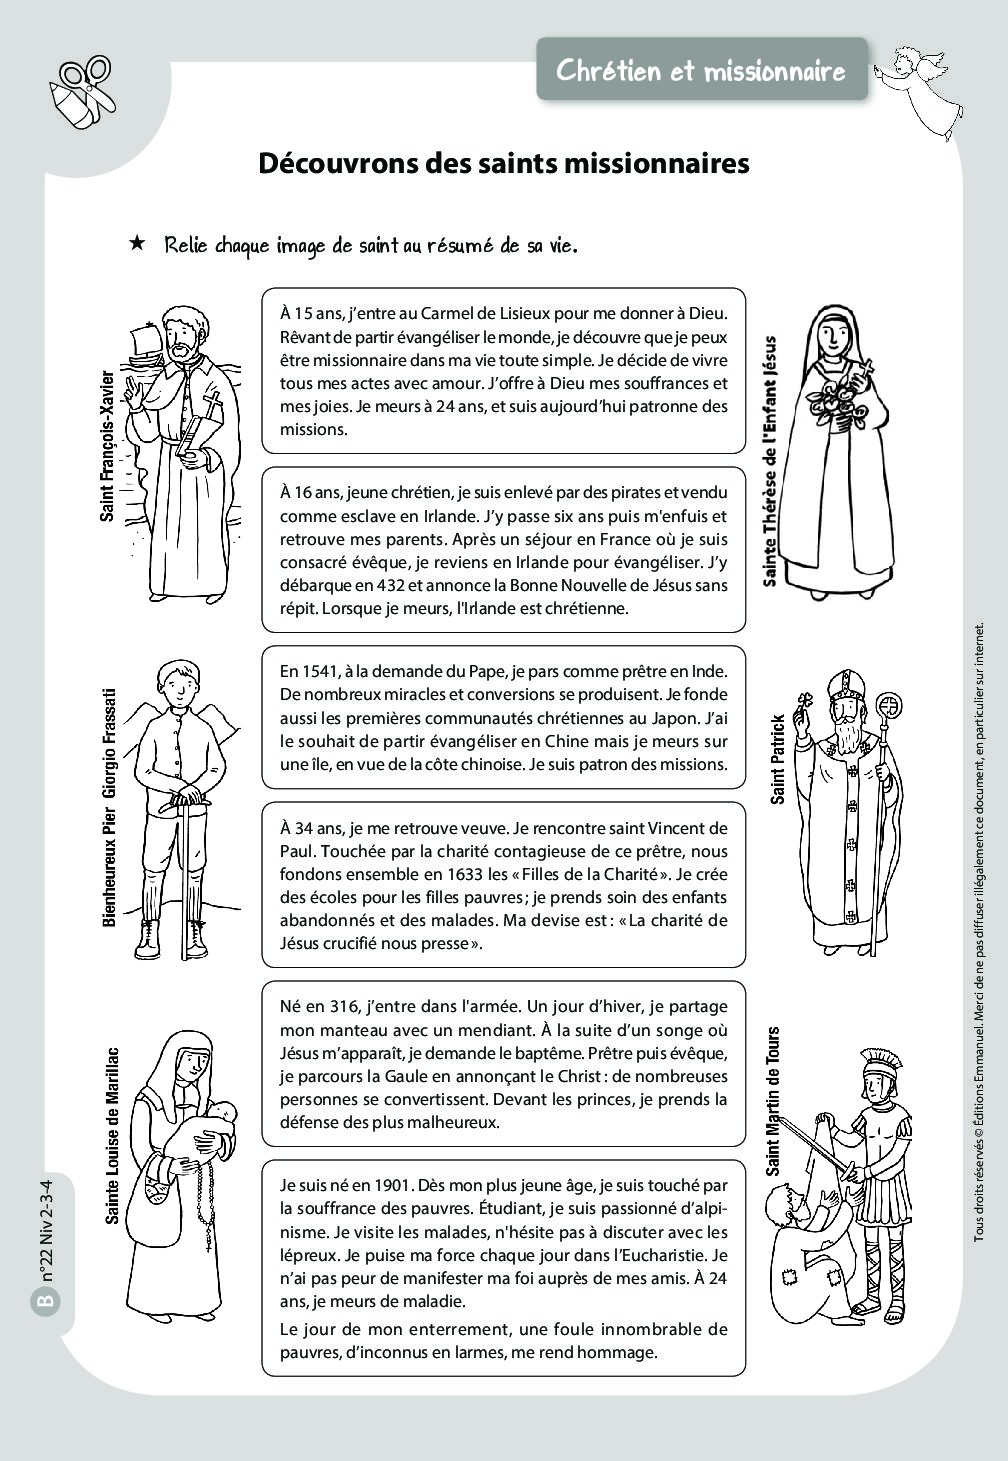 Site chinois de rencontres chrétiennes